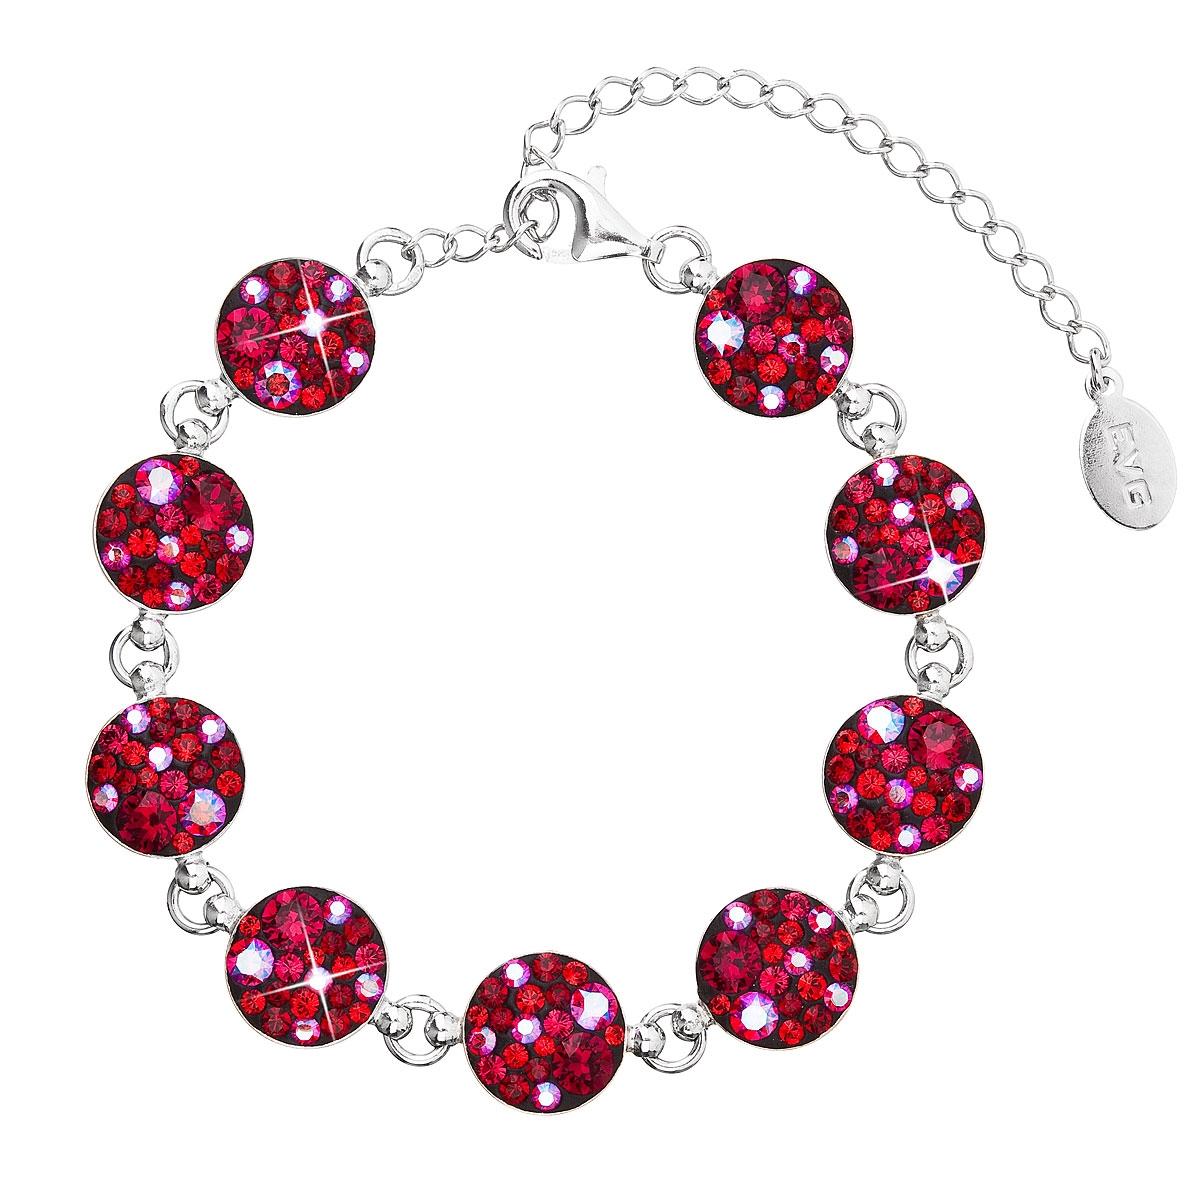 Stříbrný náramek s krystaly Crystals from Swarovski® Cherry EG7004-CH